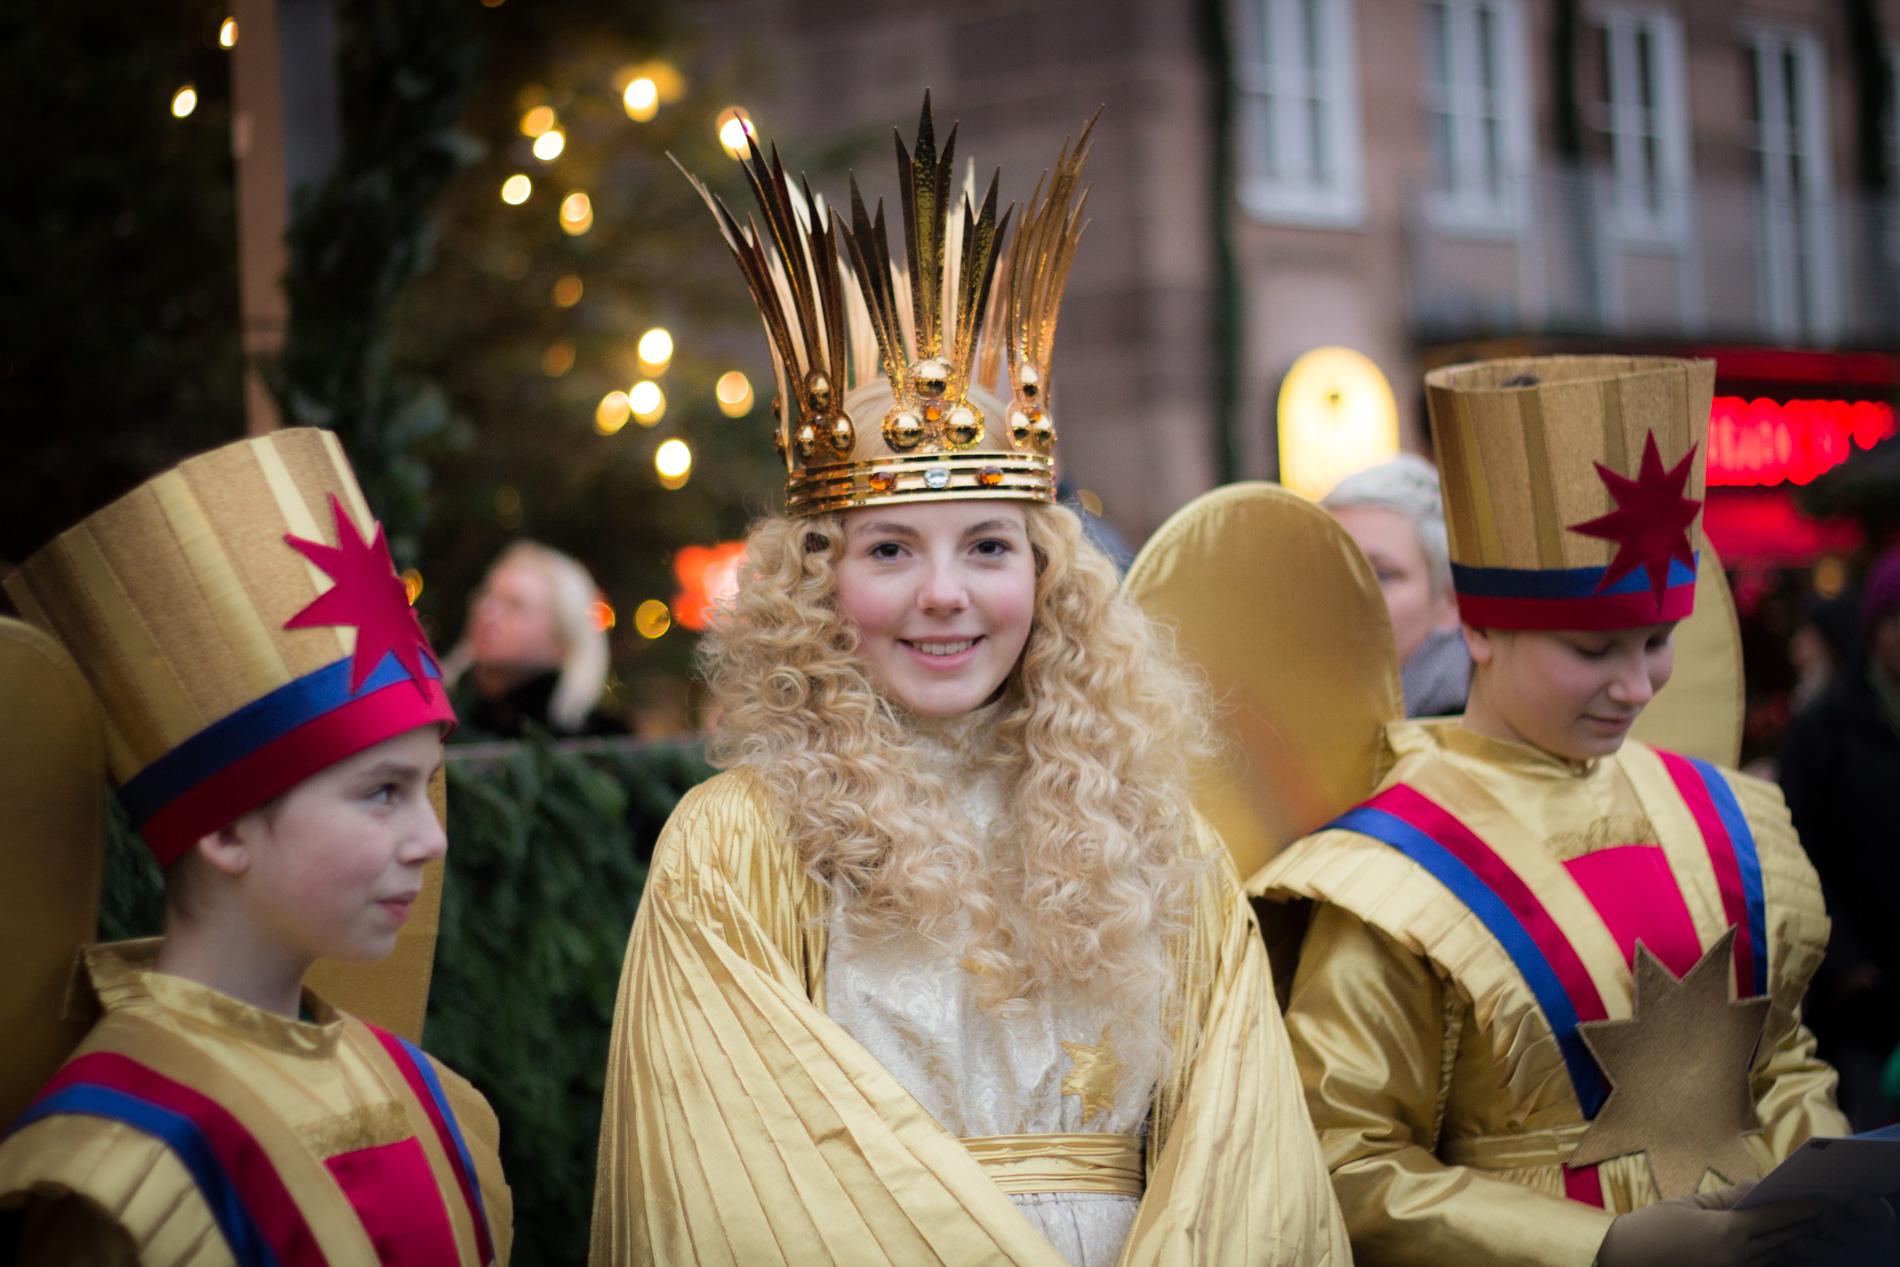 Christkind au Marché de Noël de Nuremberg